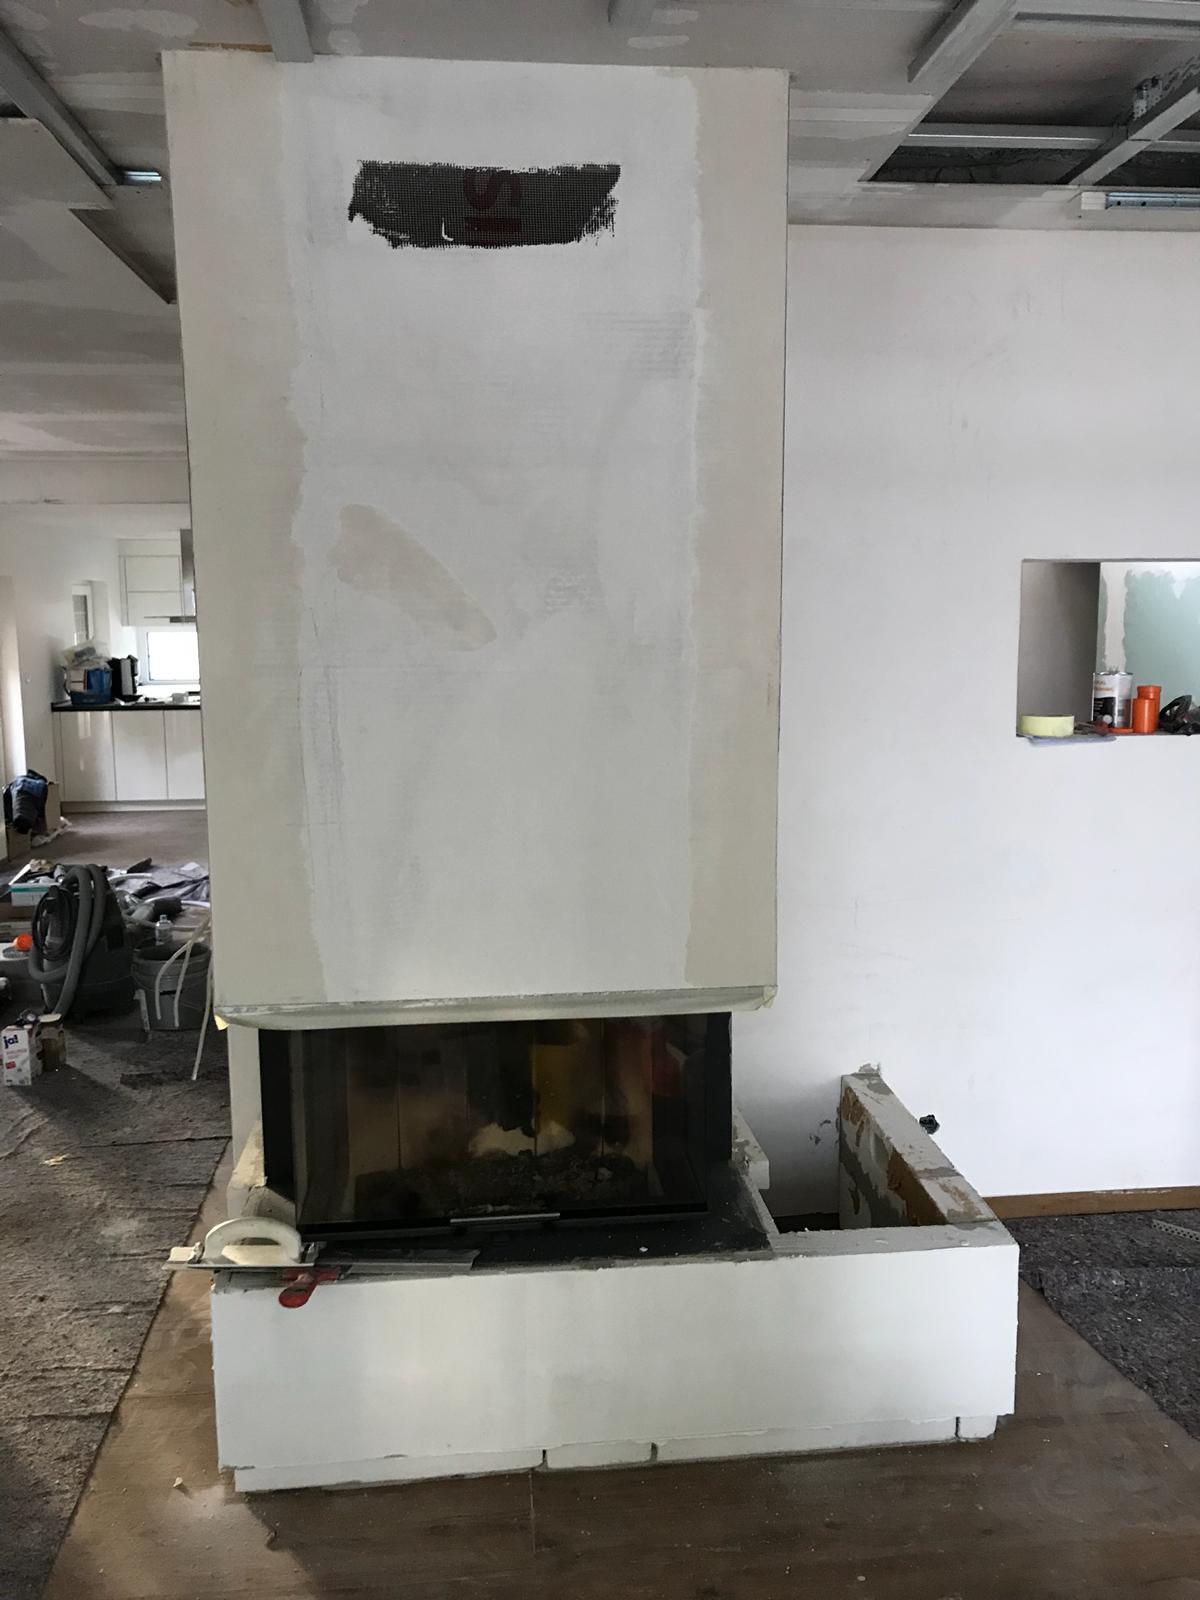 Danach erfolgte der Finish-Putz mit einem speziellen Ofenputz von SILATERM.